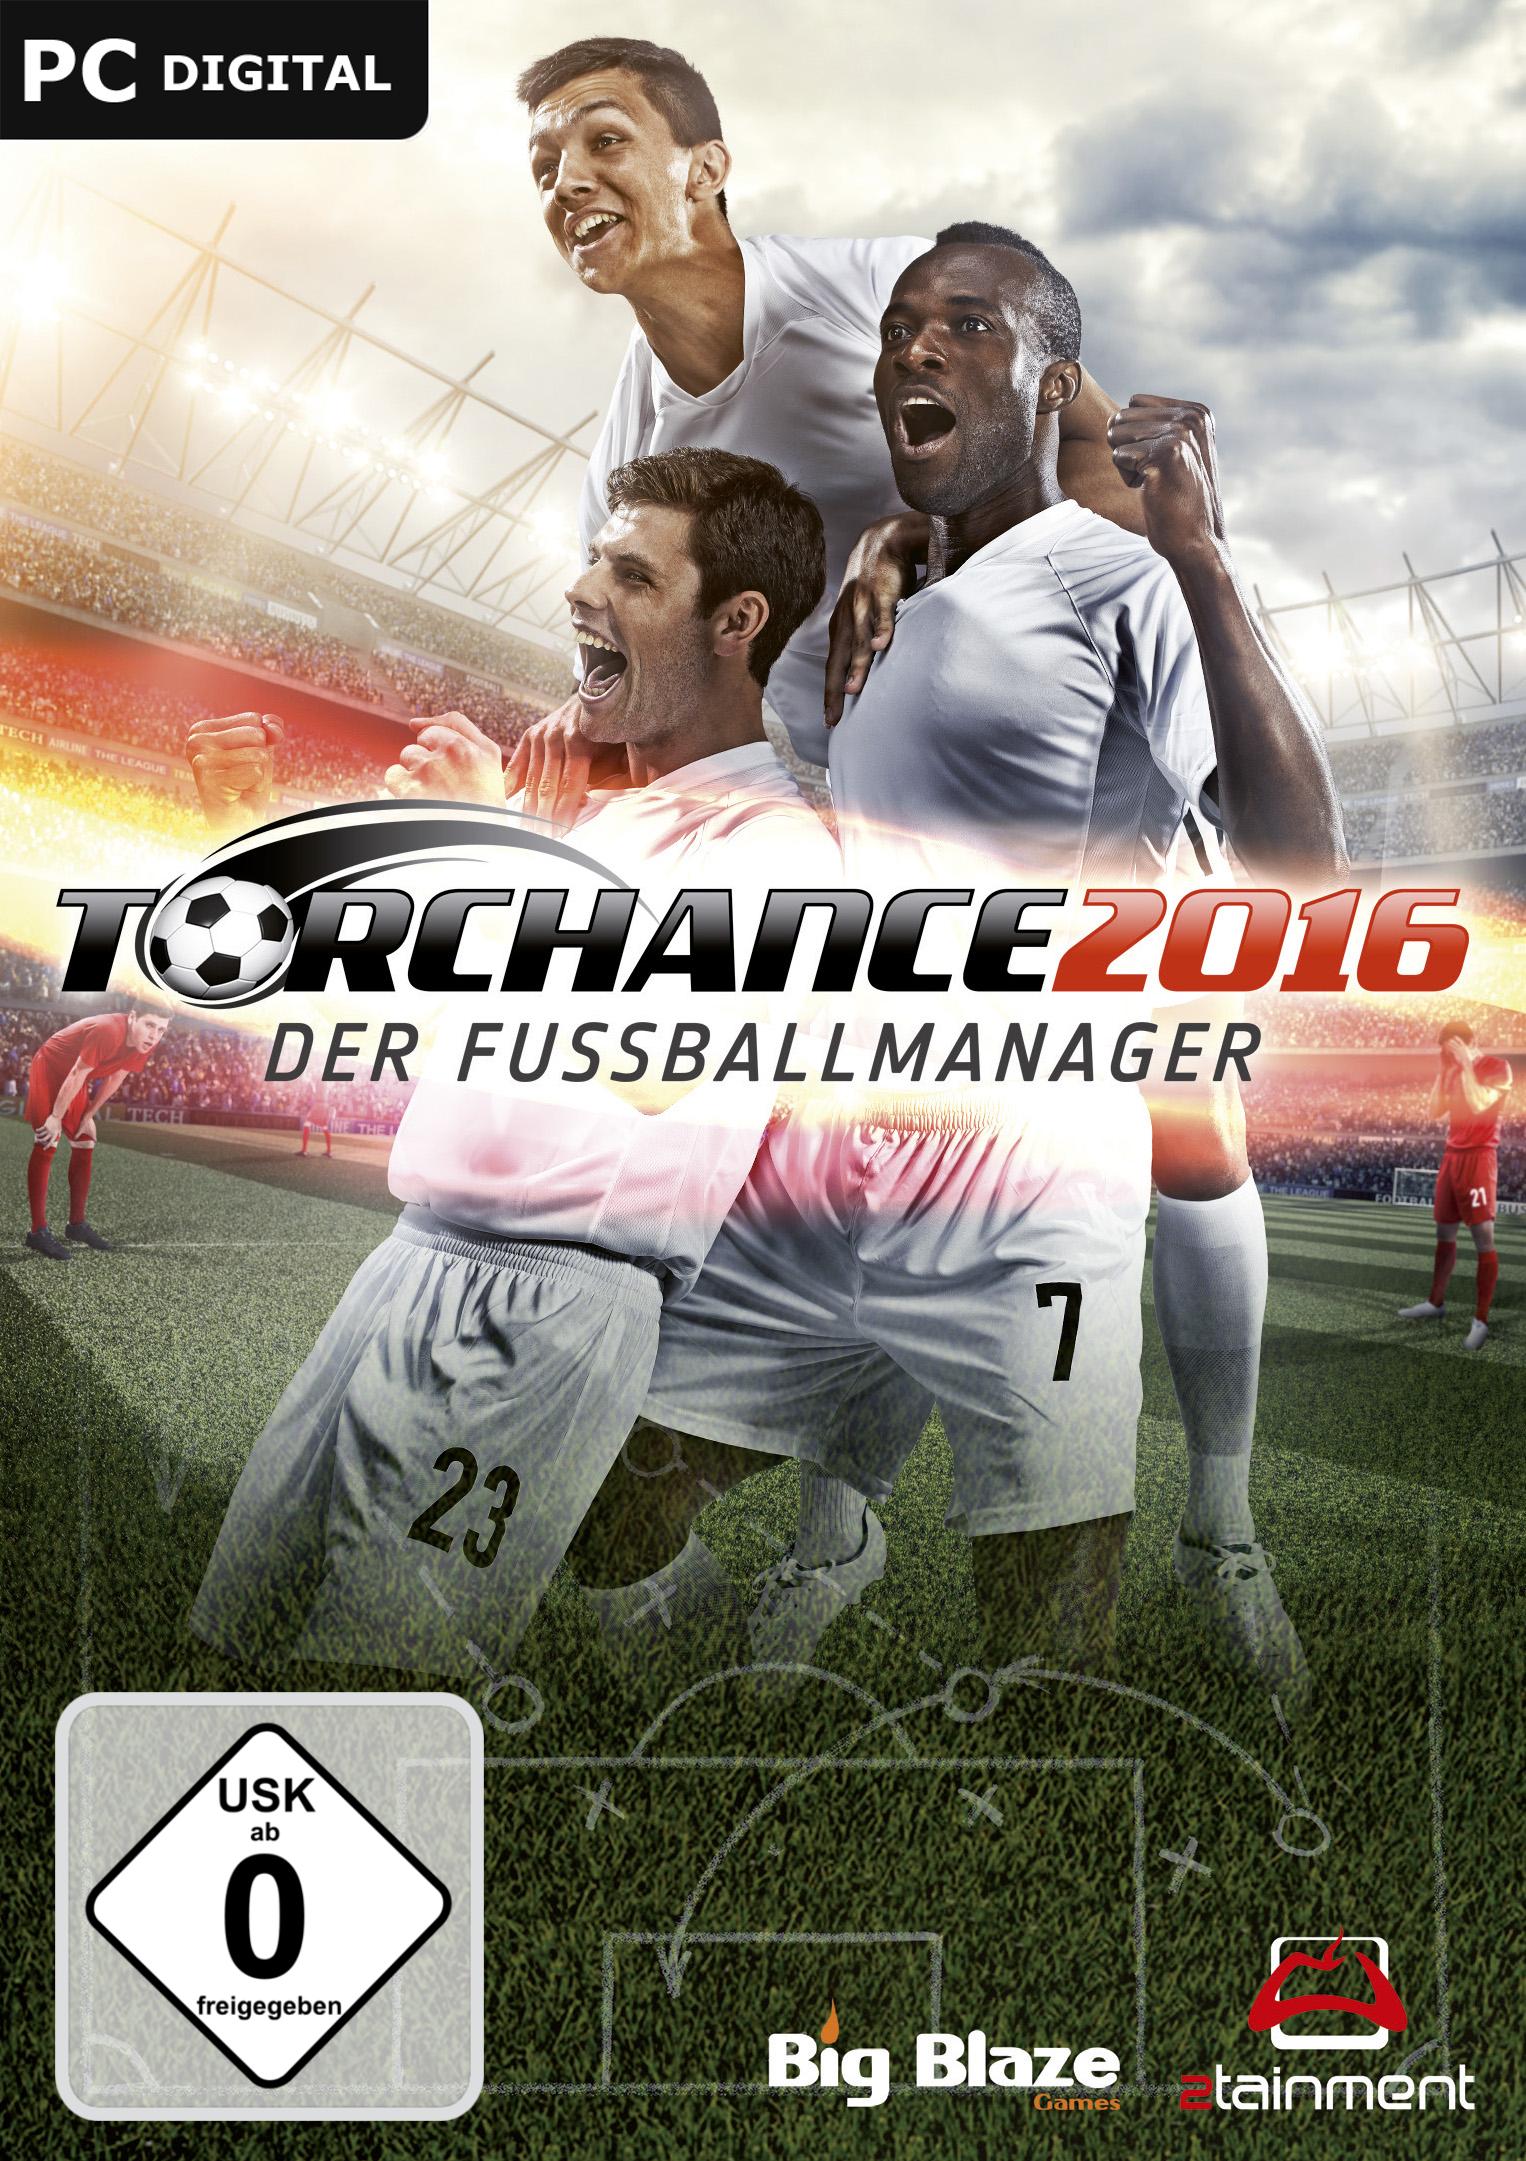 Torchance 2016 - Der Fussballmanager [PC Code - Steam] (Sport, Pc-spiele)